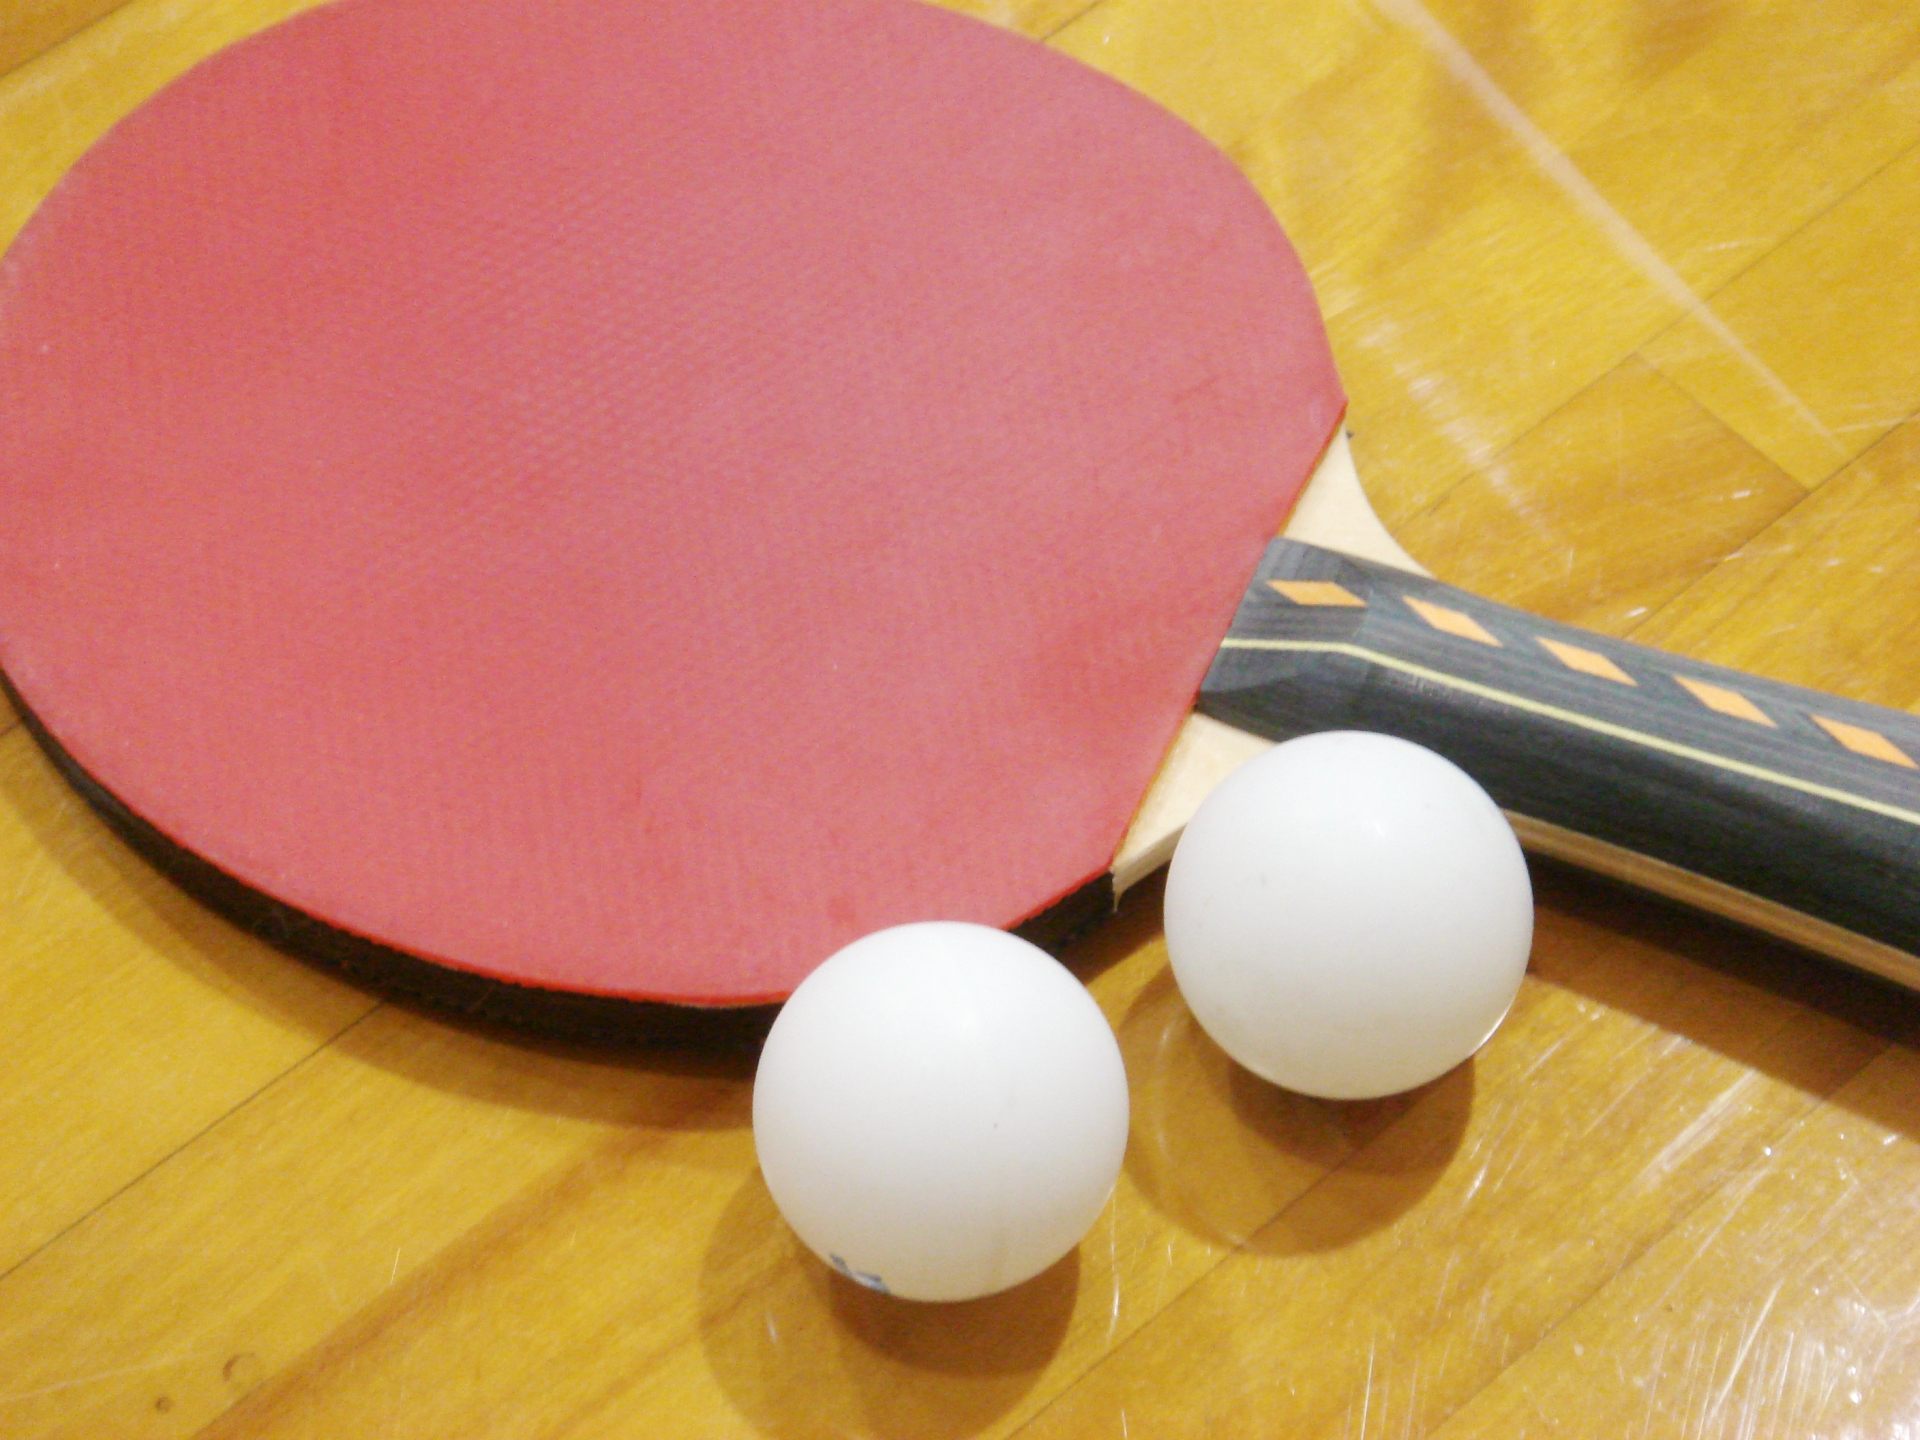 卓球初心者が最初に習得するべき4つの技術と上達のための練習方法。